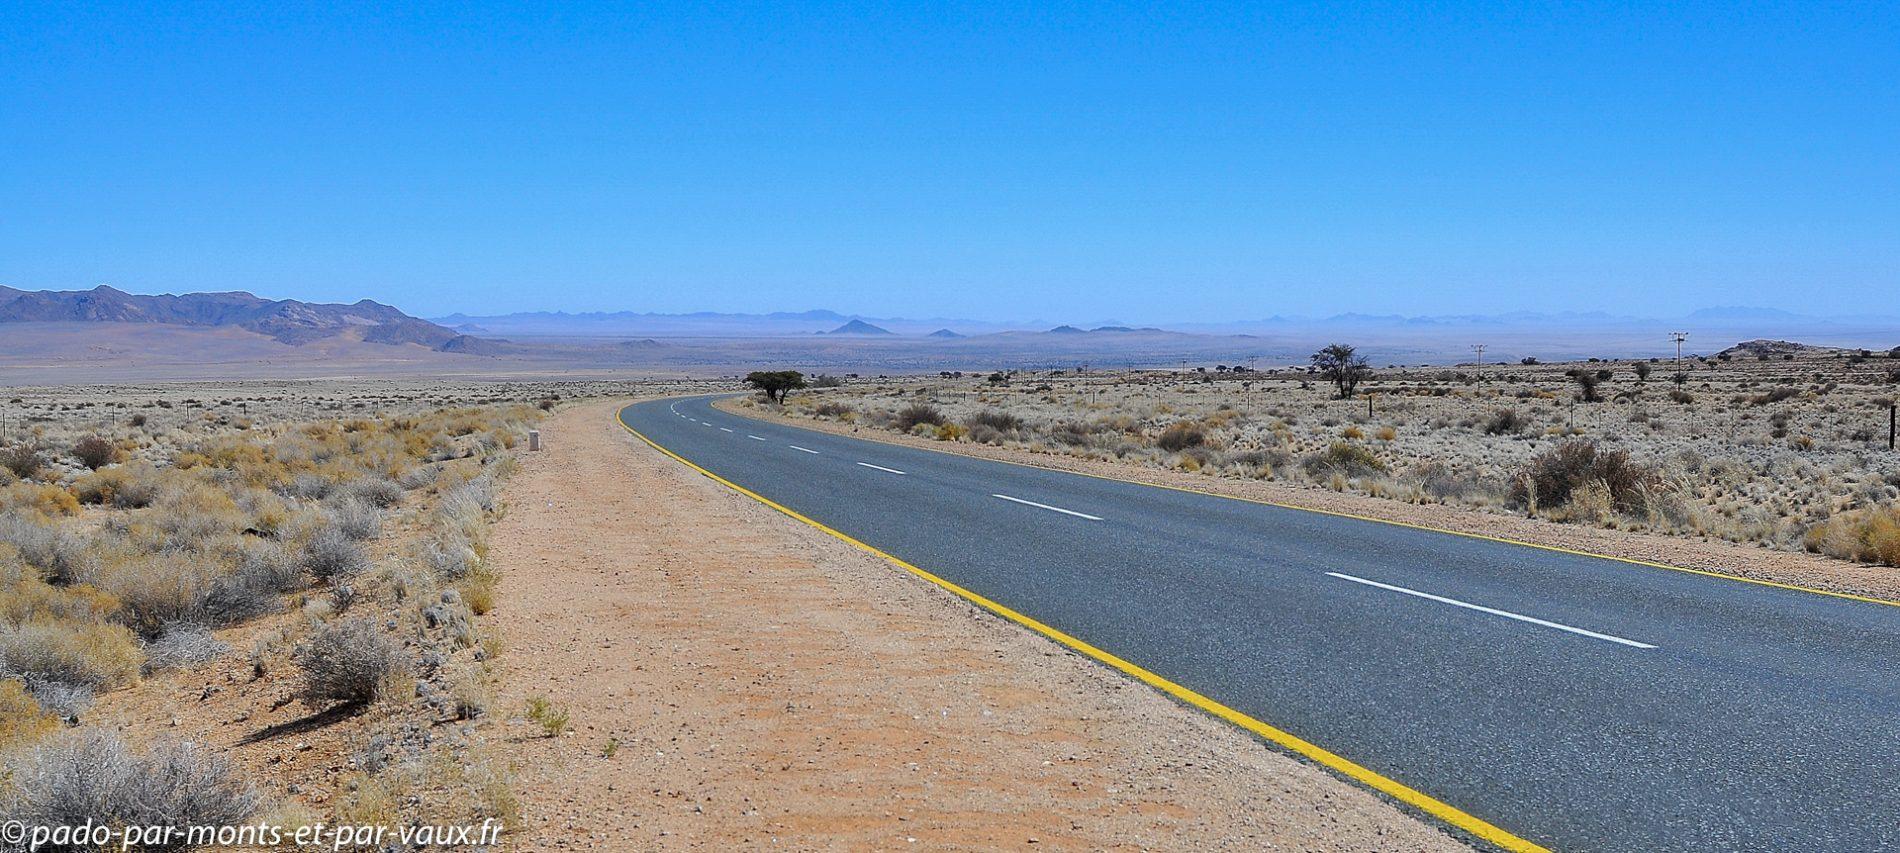 route vers Lüderitz